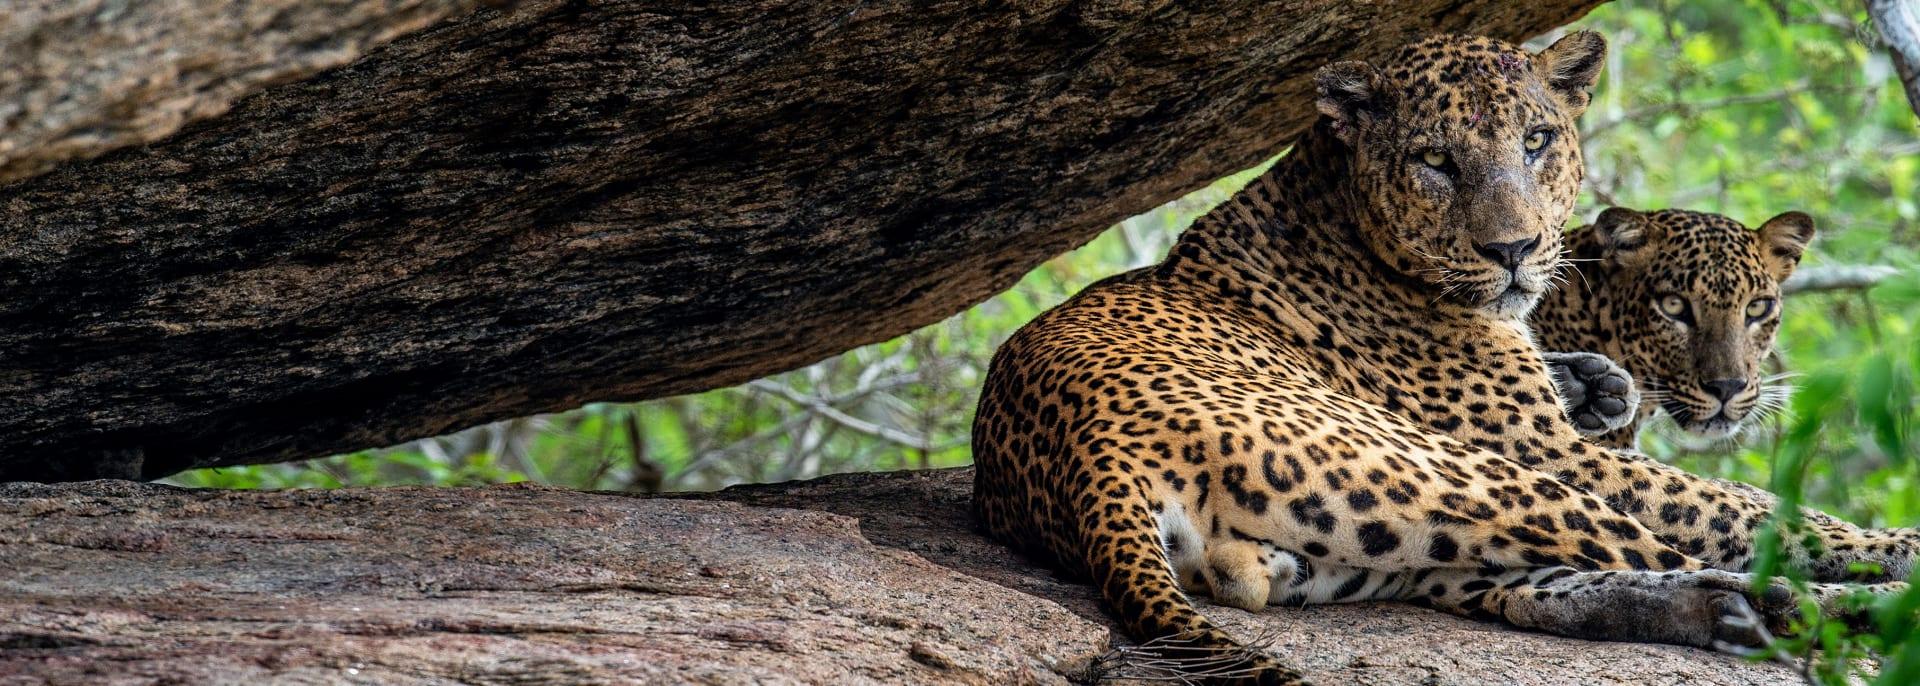 Jaguar, Wildlife, Brasilien